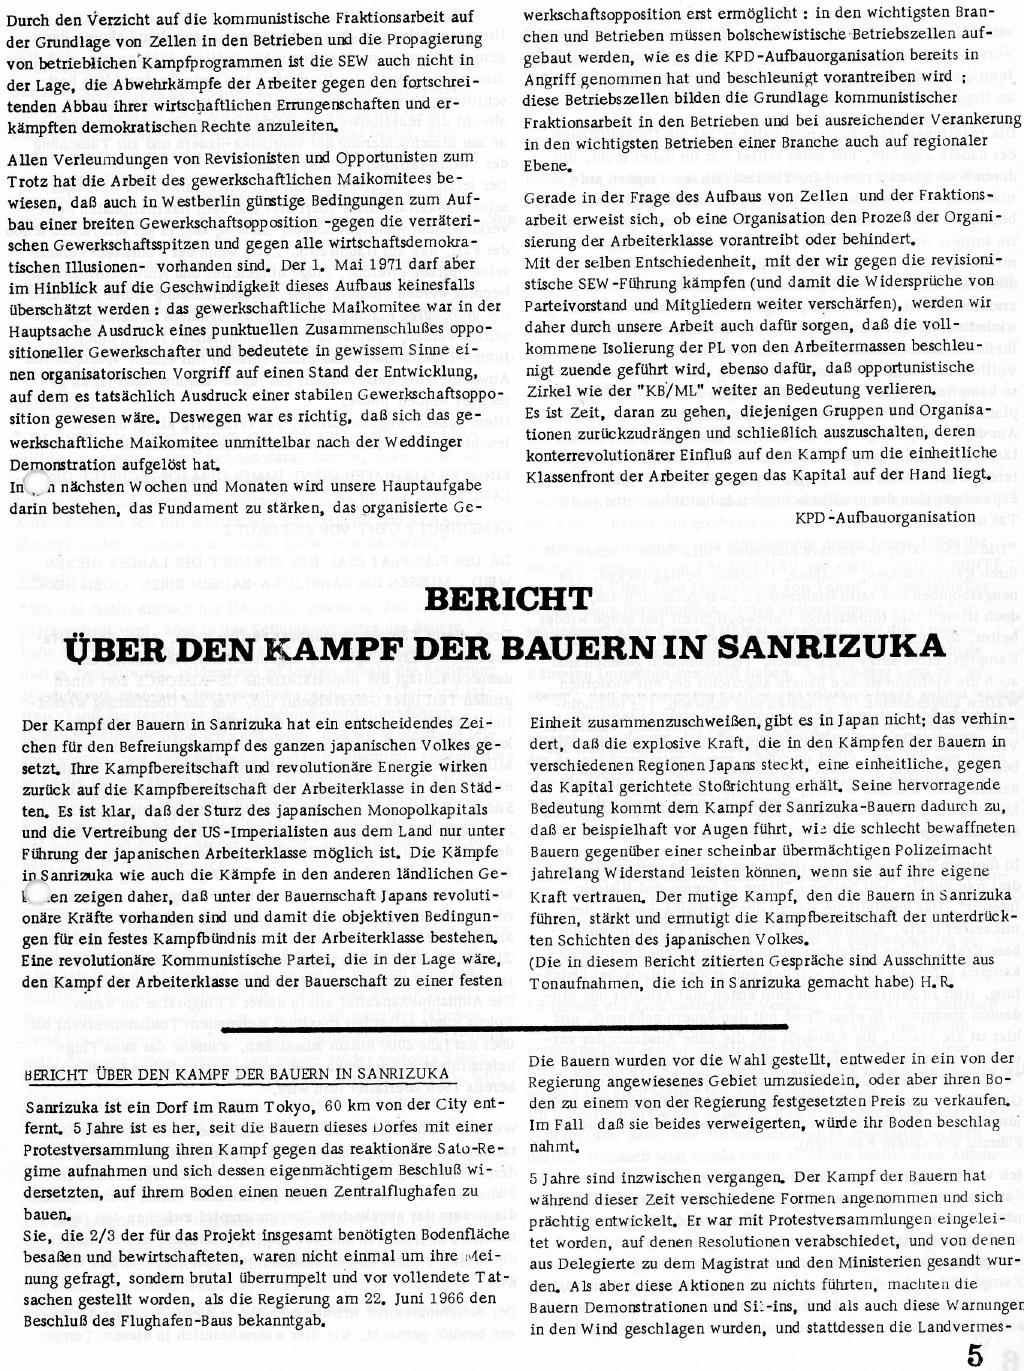 RPK_1971_115_05